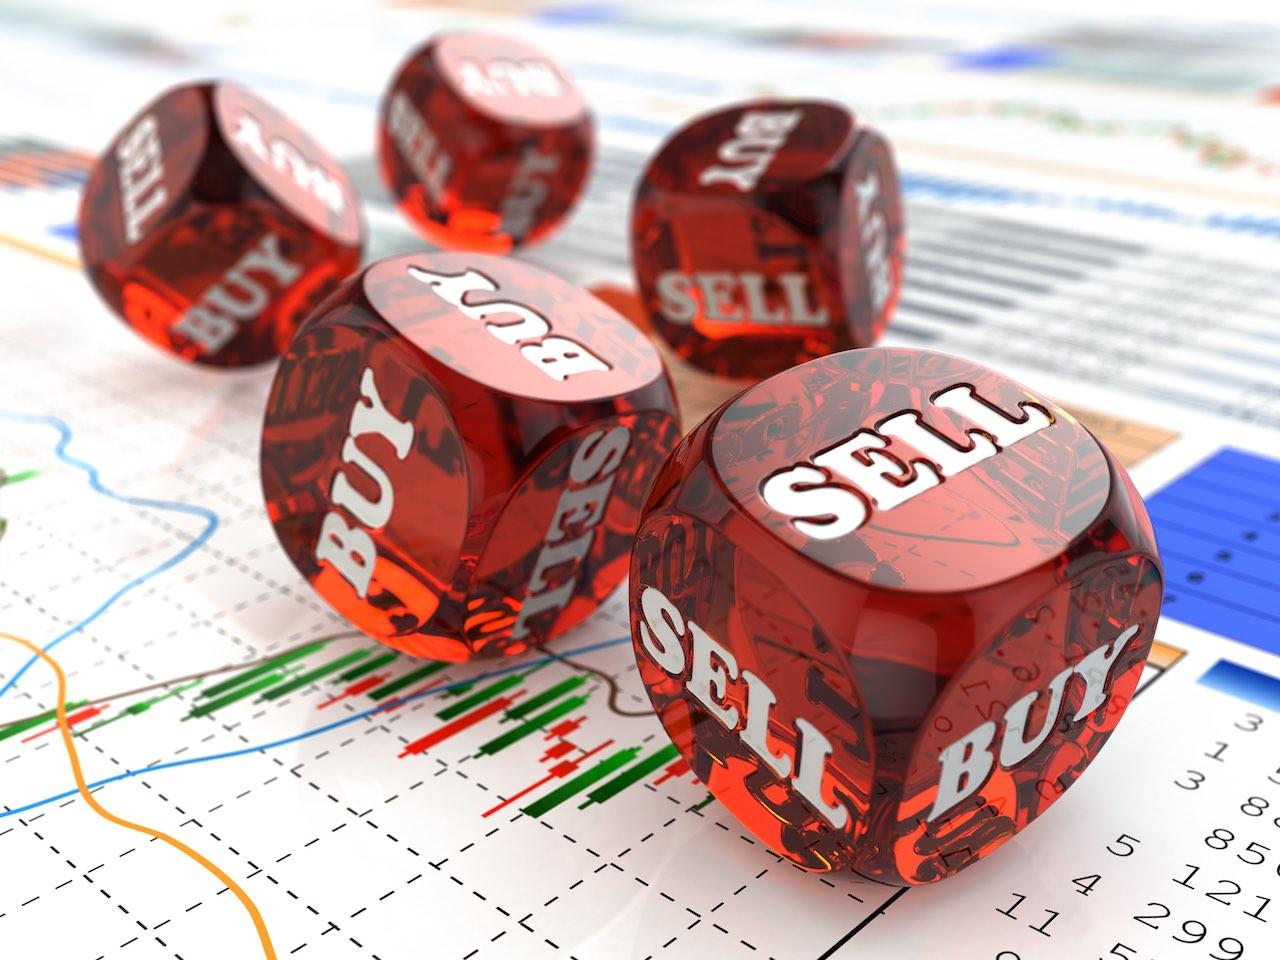 """Würfel mit dem Aufdruck """"Buy"""" und """"Sell"""" auf einem Kursverlauf"""